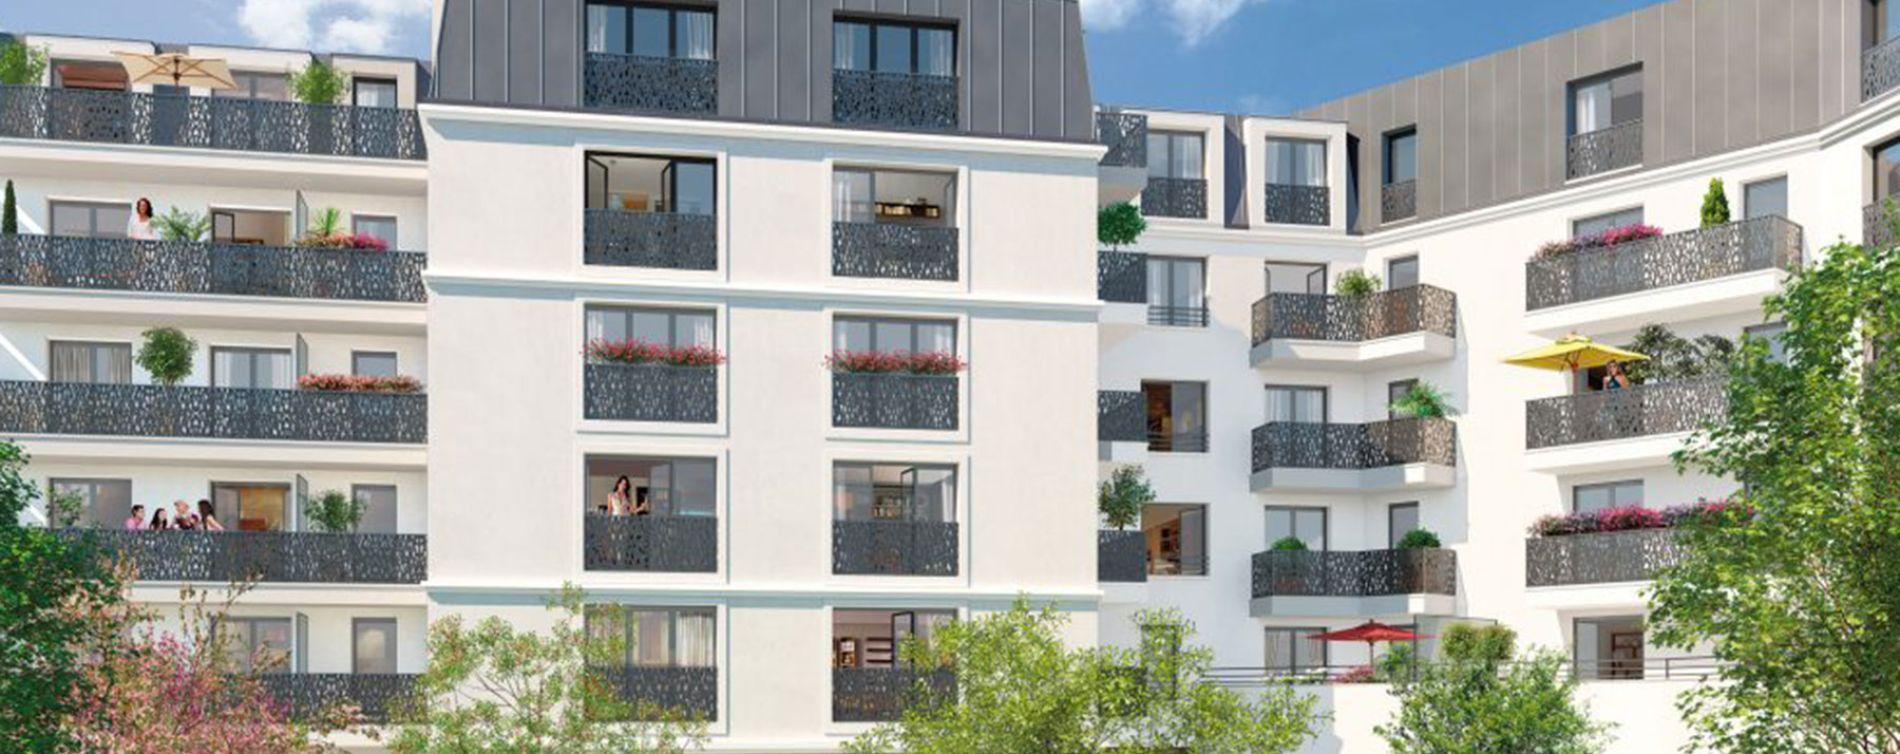 Asnières-sur-Seine : programme immobilier neuve « Programme immobilier n°217728 » (2)